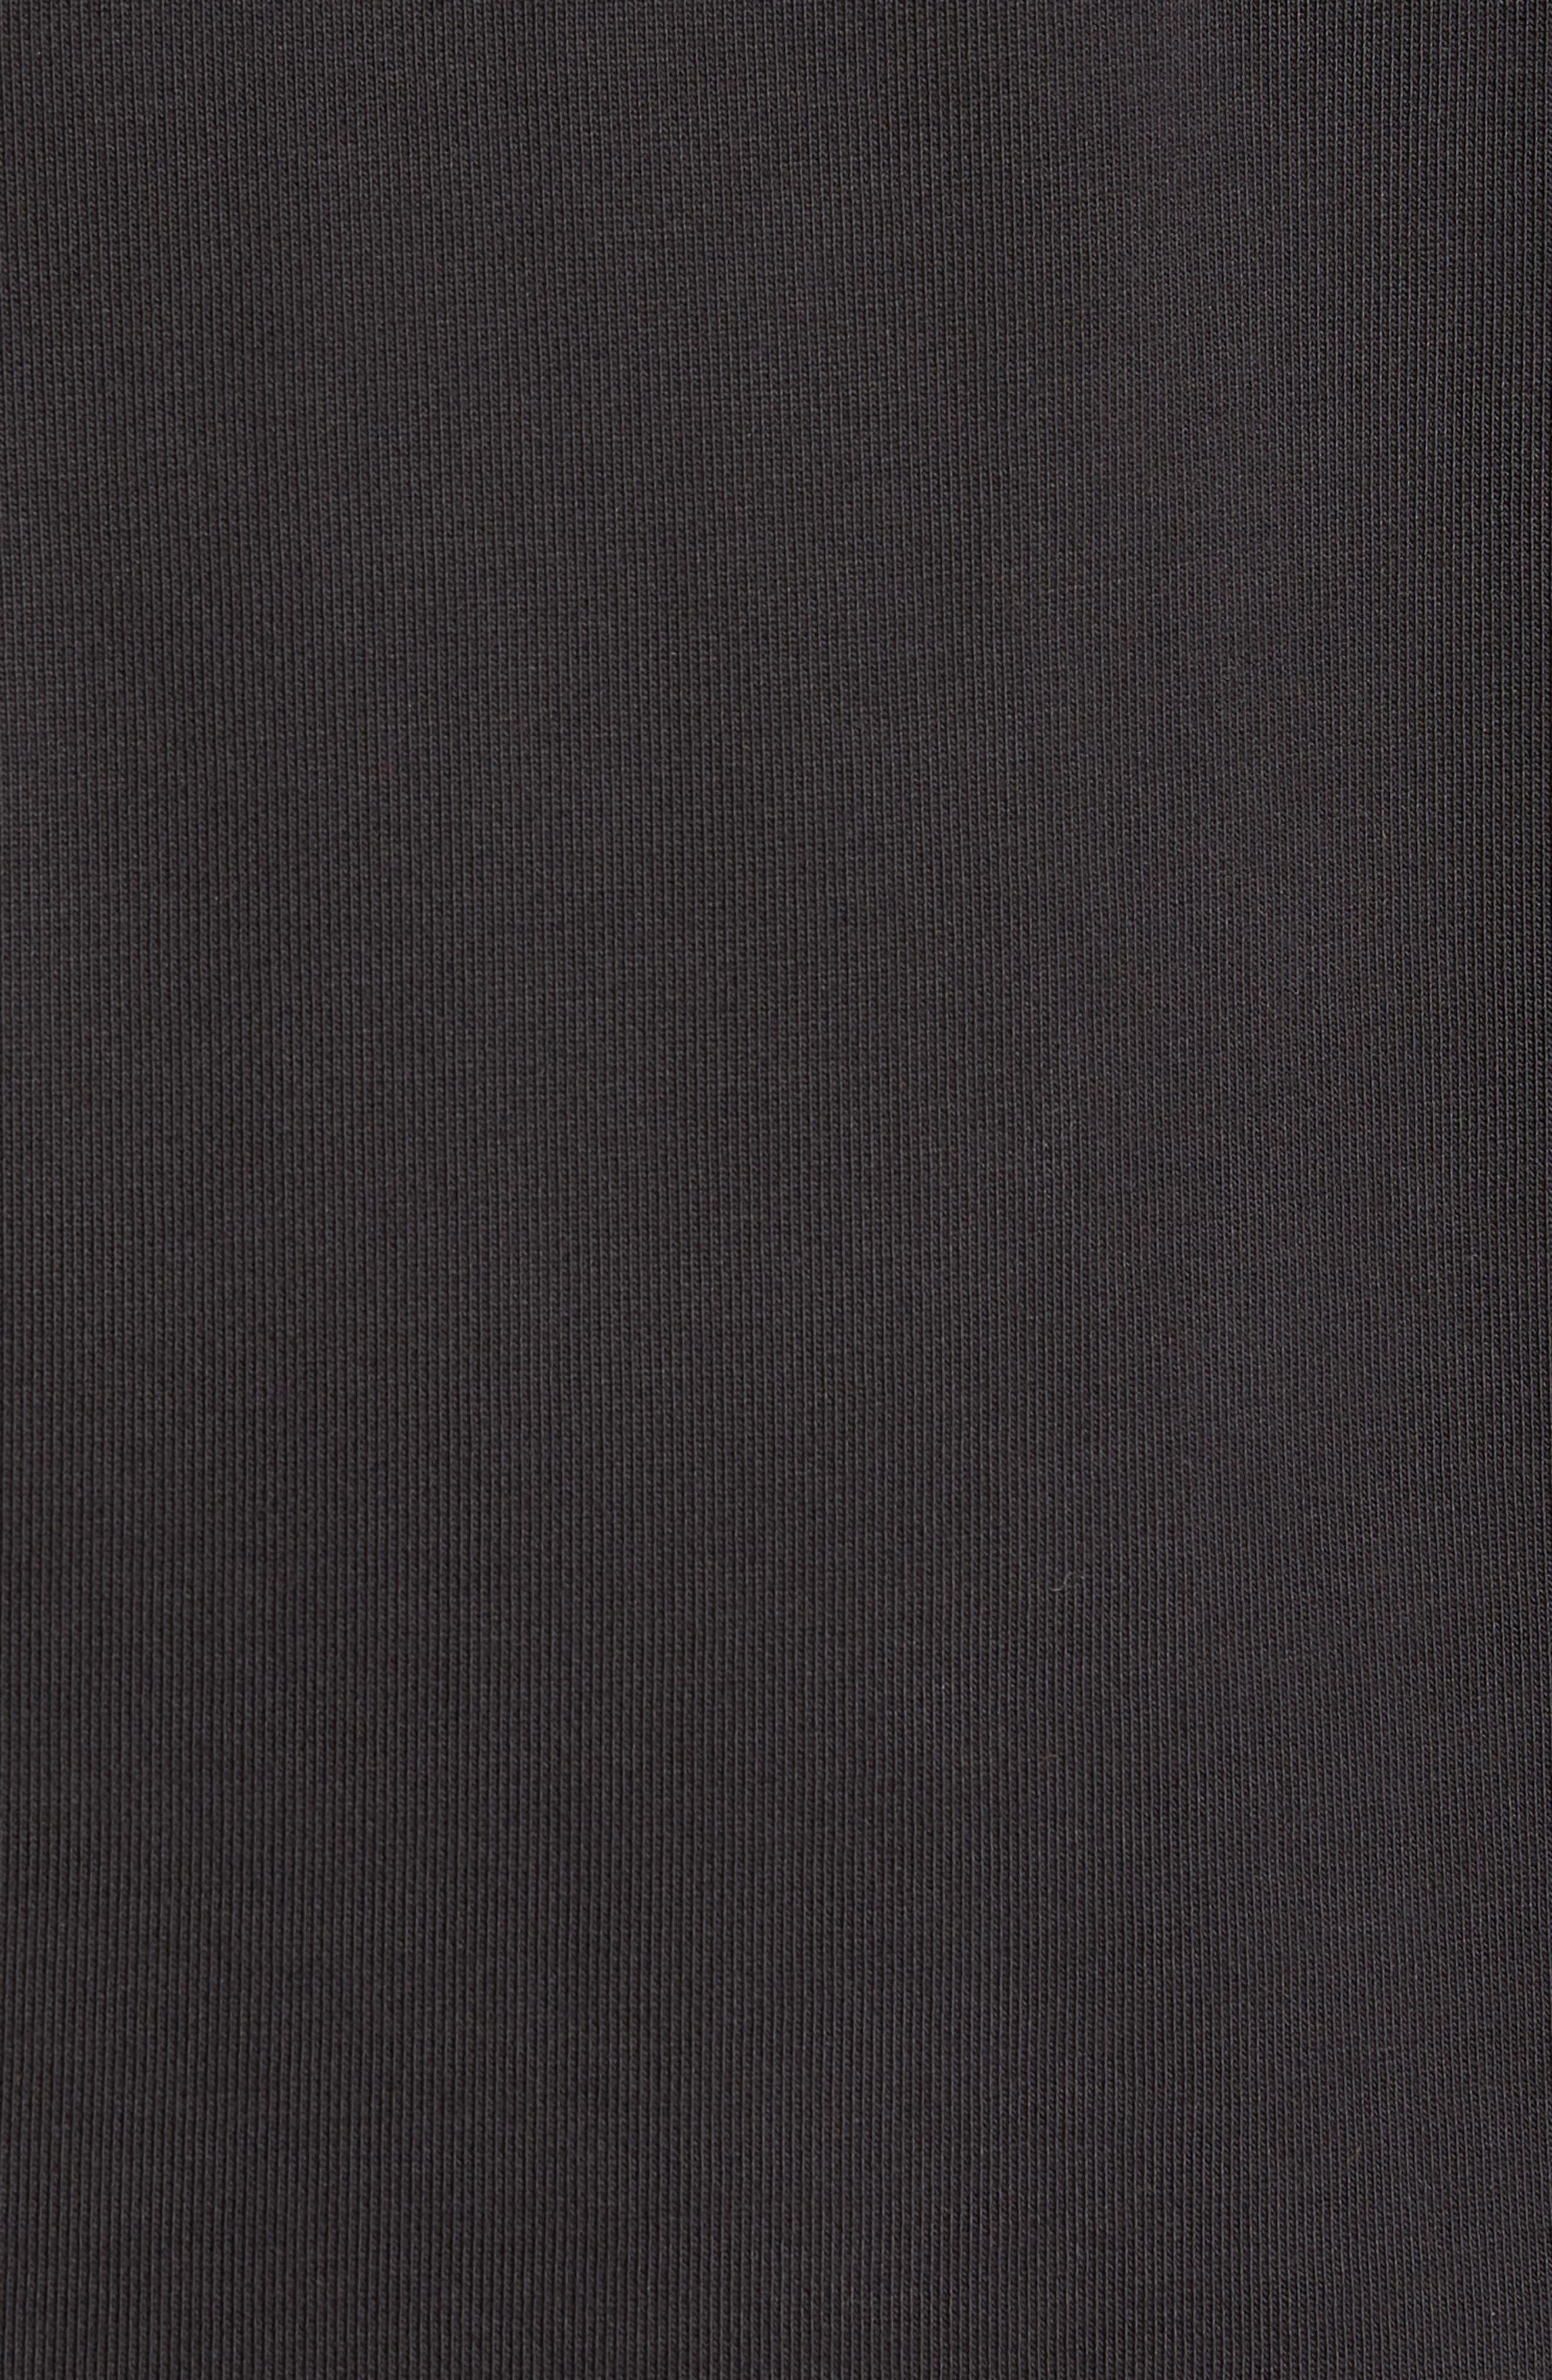 Bowery NY Sweatshirt,                             Alternate thumbnail 5, color,                             001